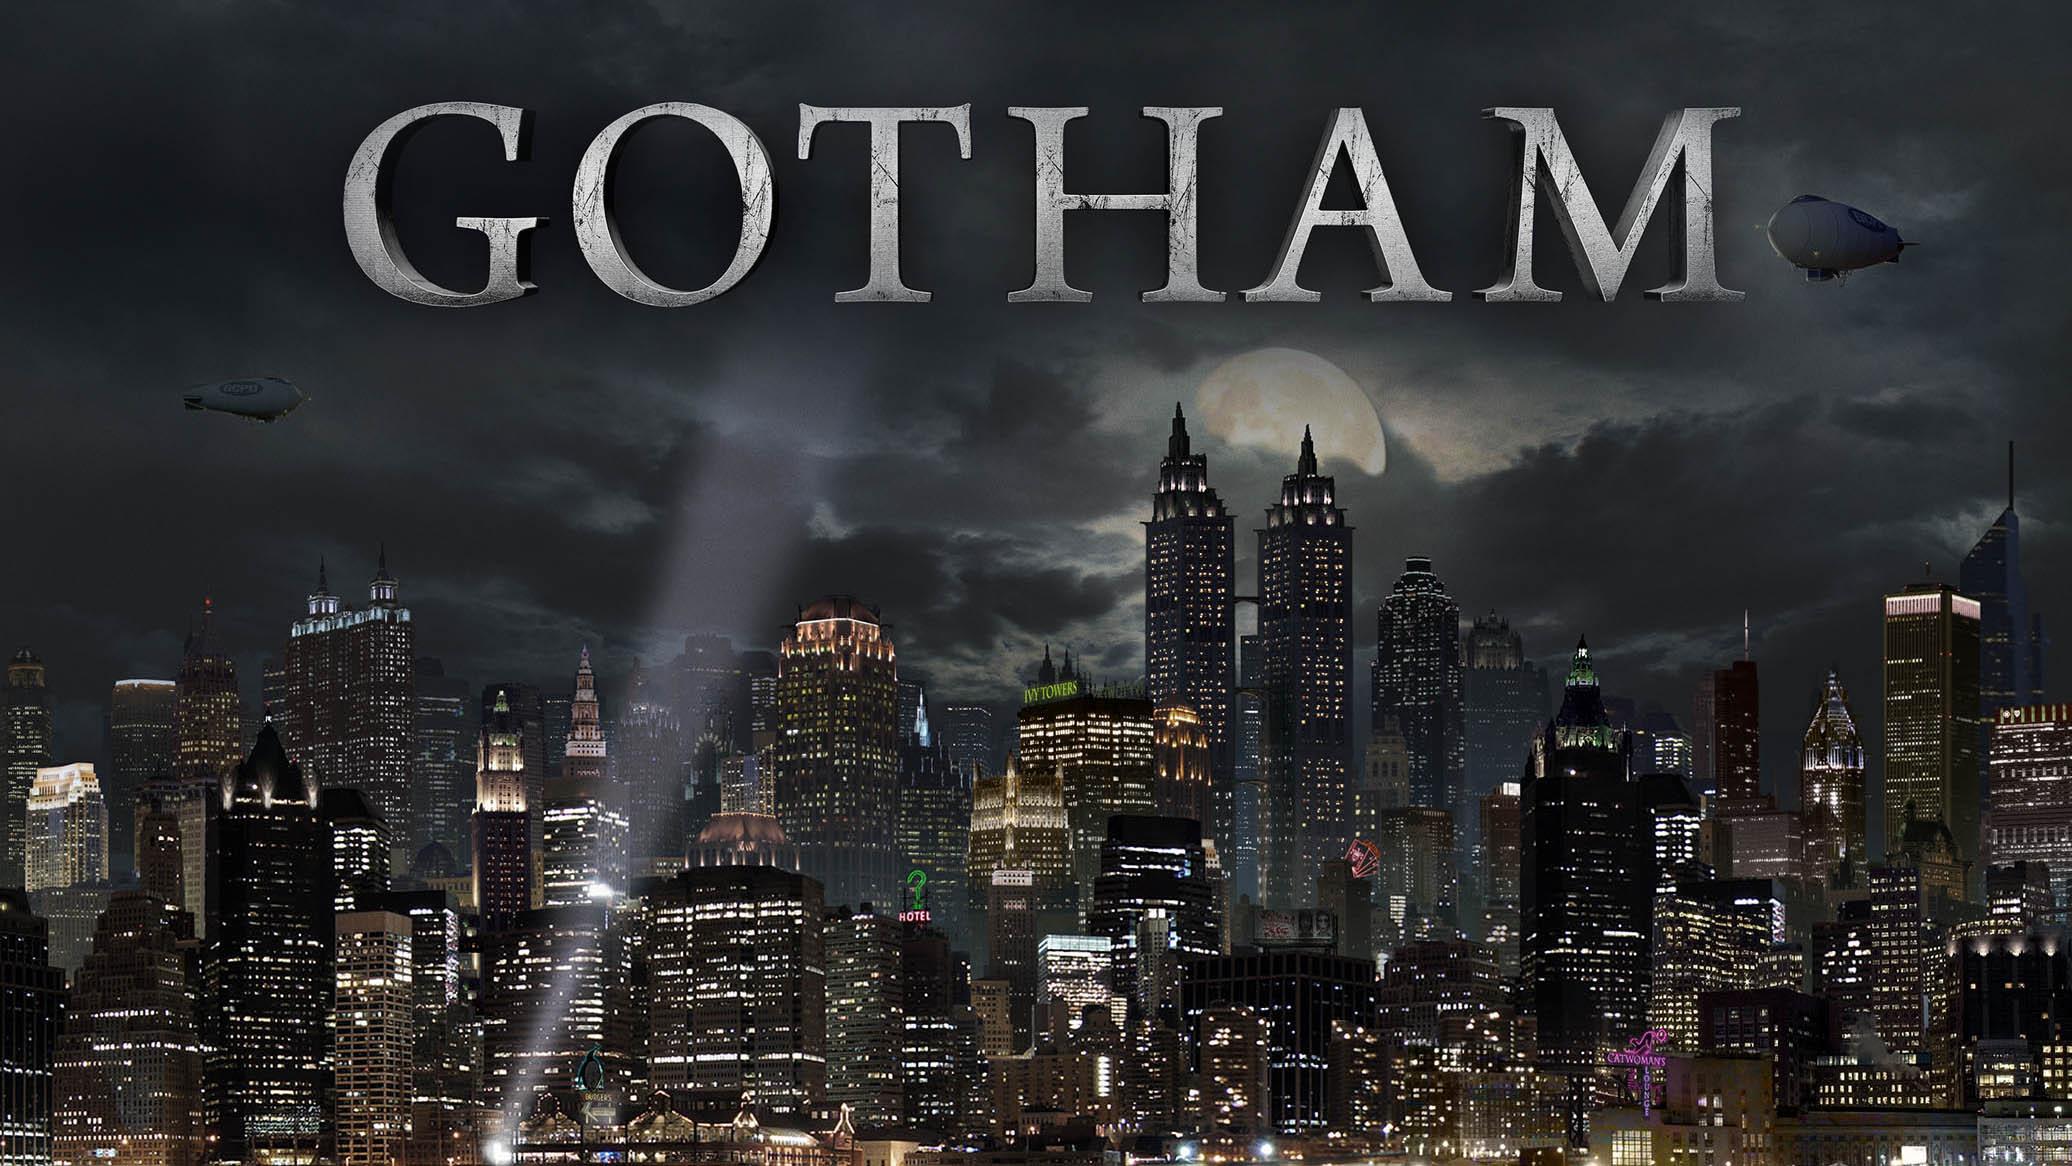 Gotham 1 sezon 20 bölüm